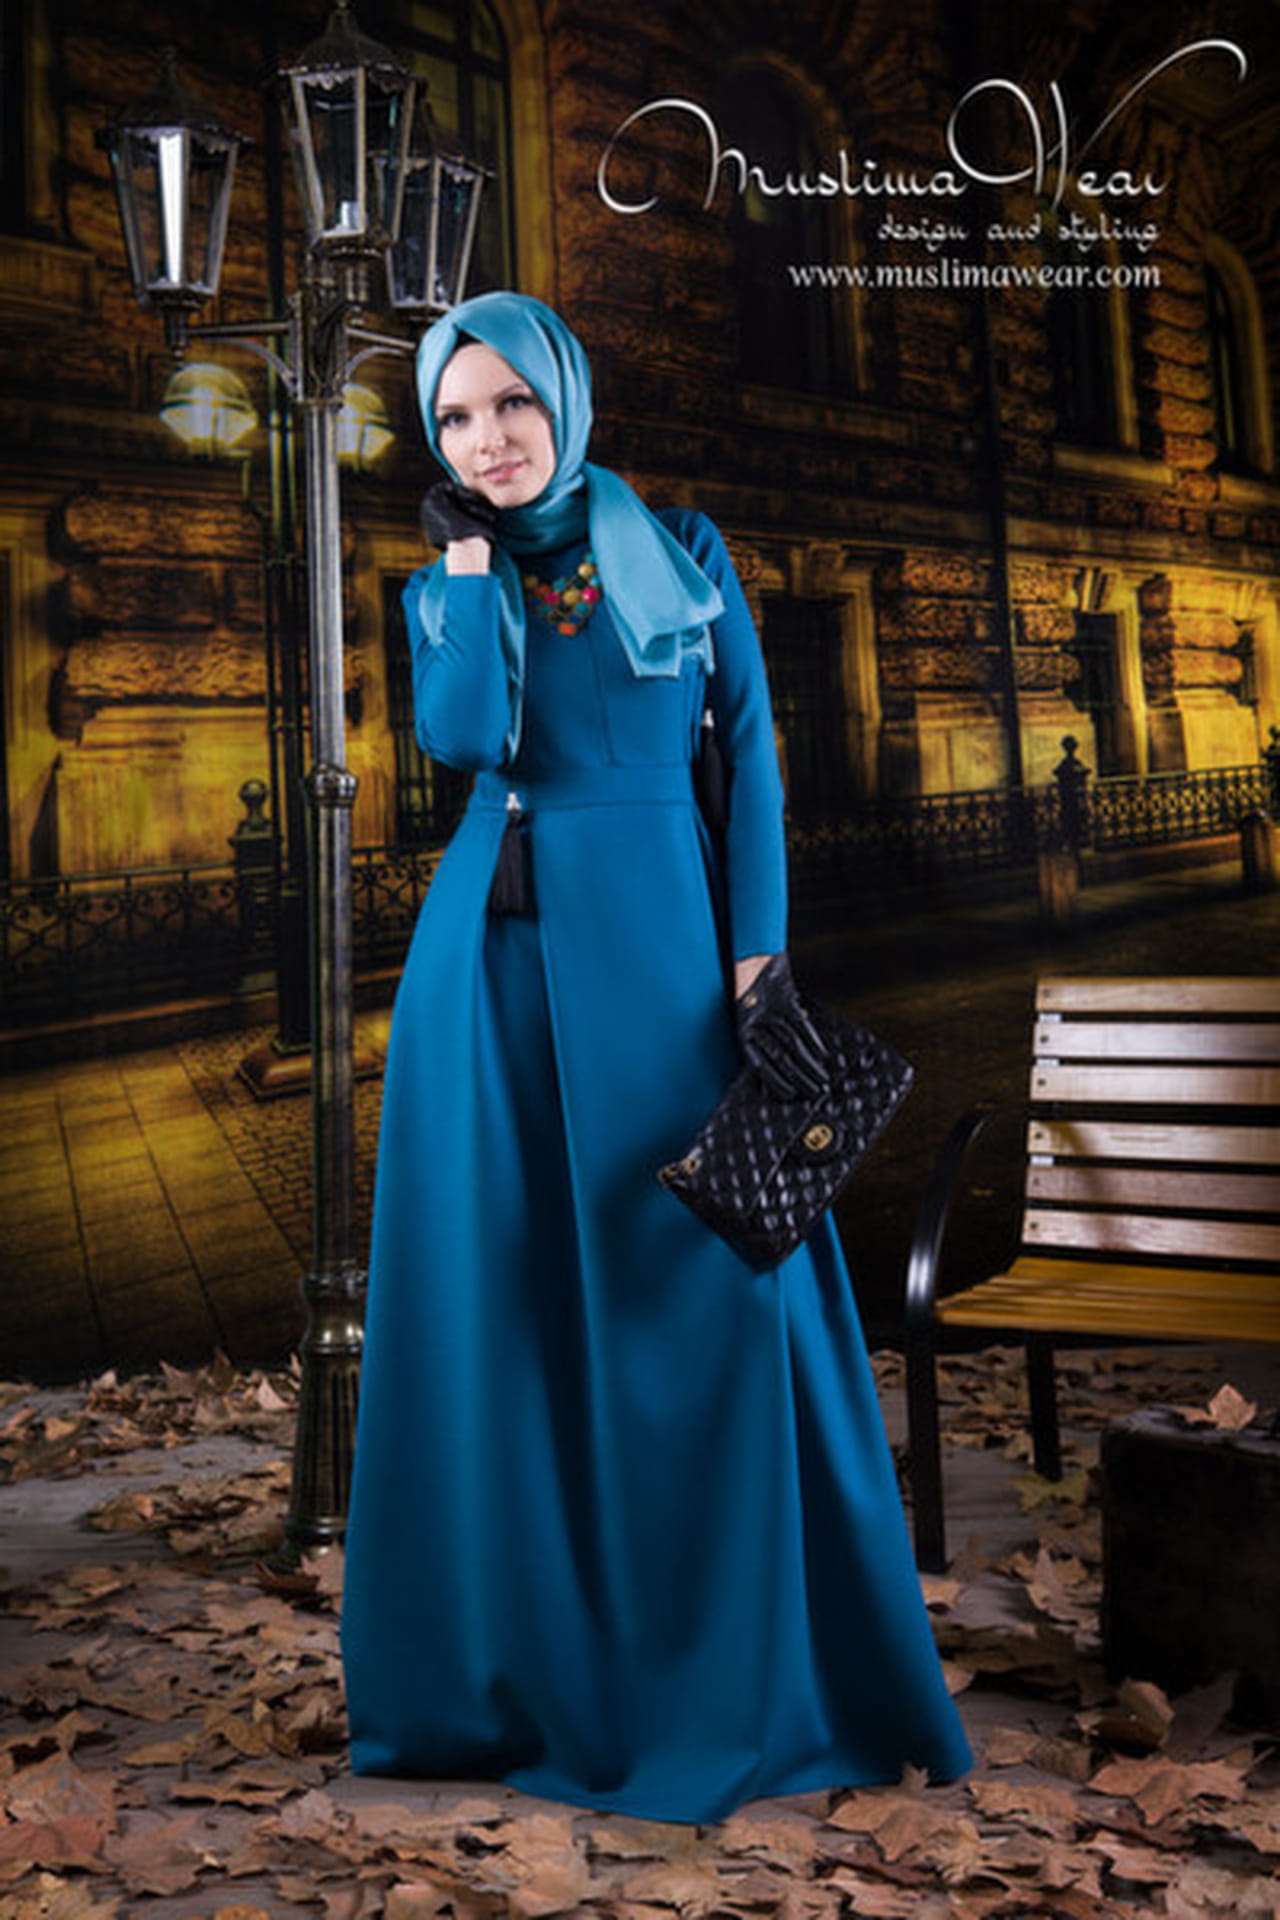 أفضل 10 إطلالات من أزياء Muslima Wear التركية  814325